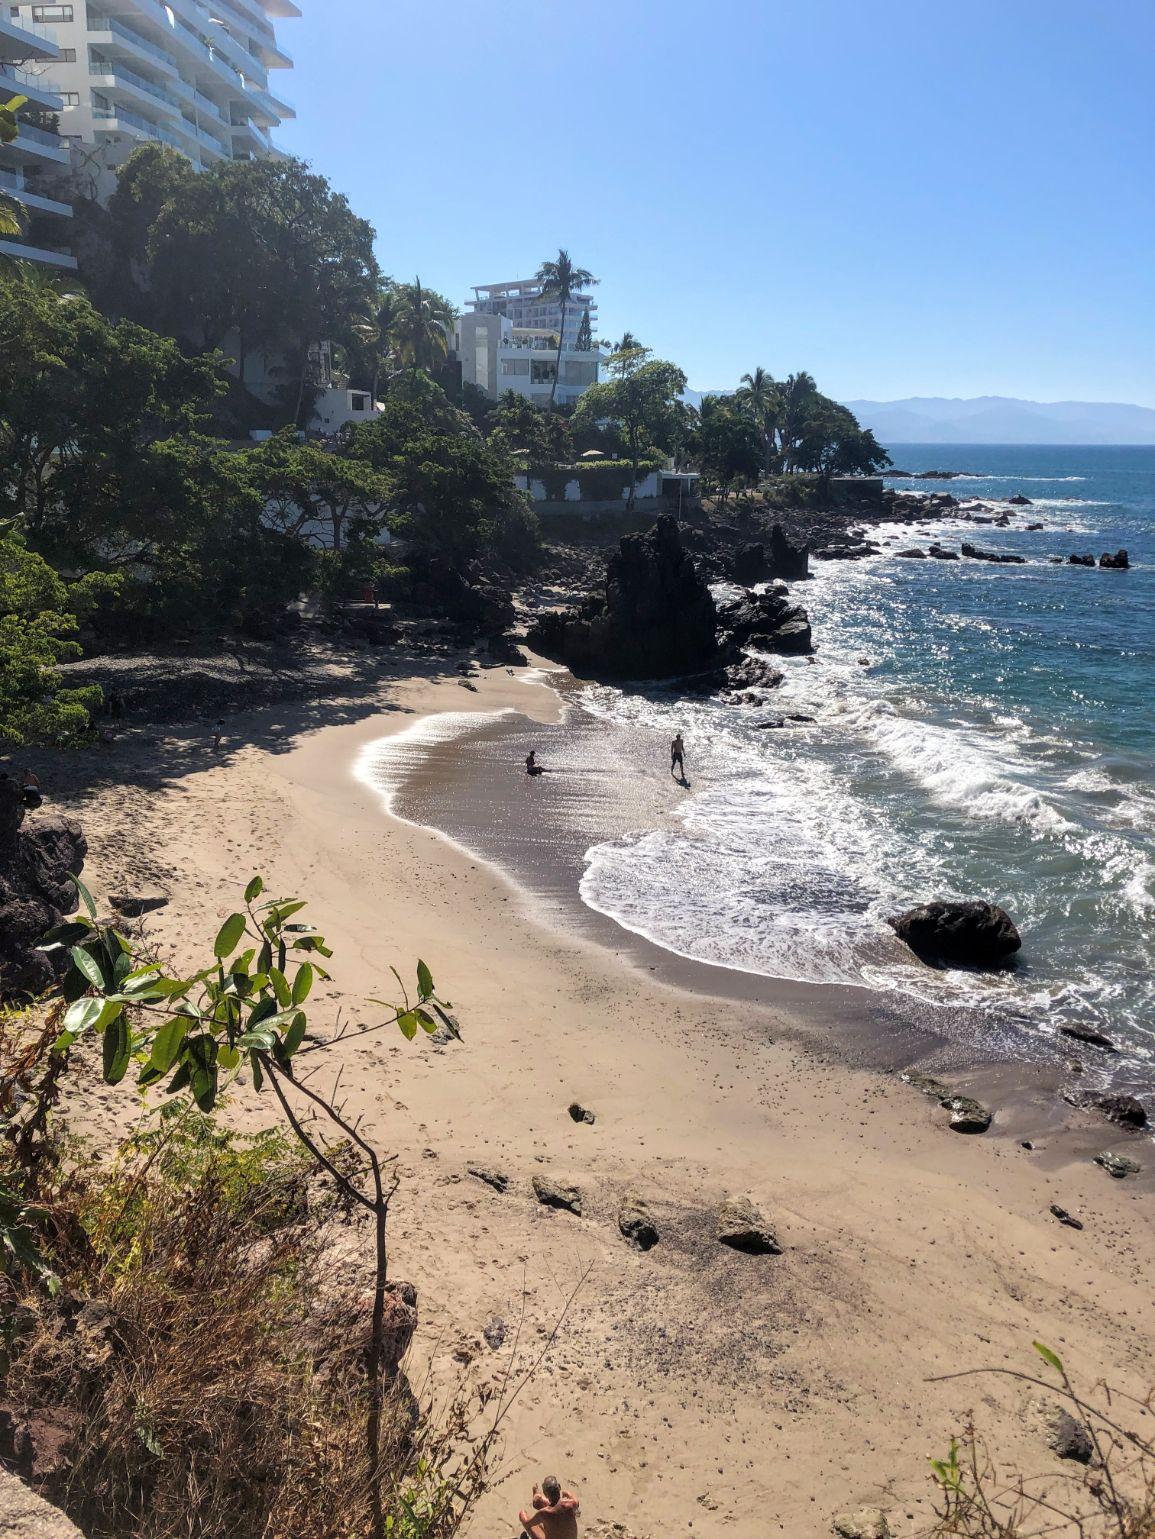 Playa Amapas beach in Puerto Vallarta